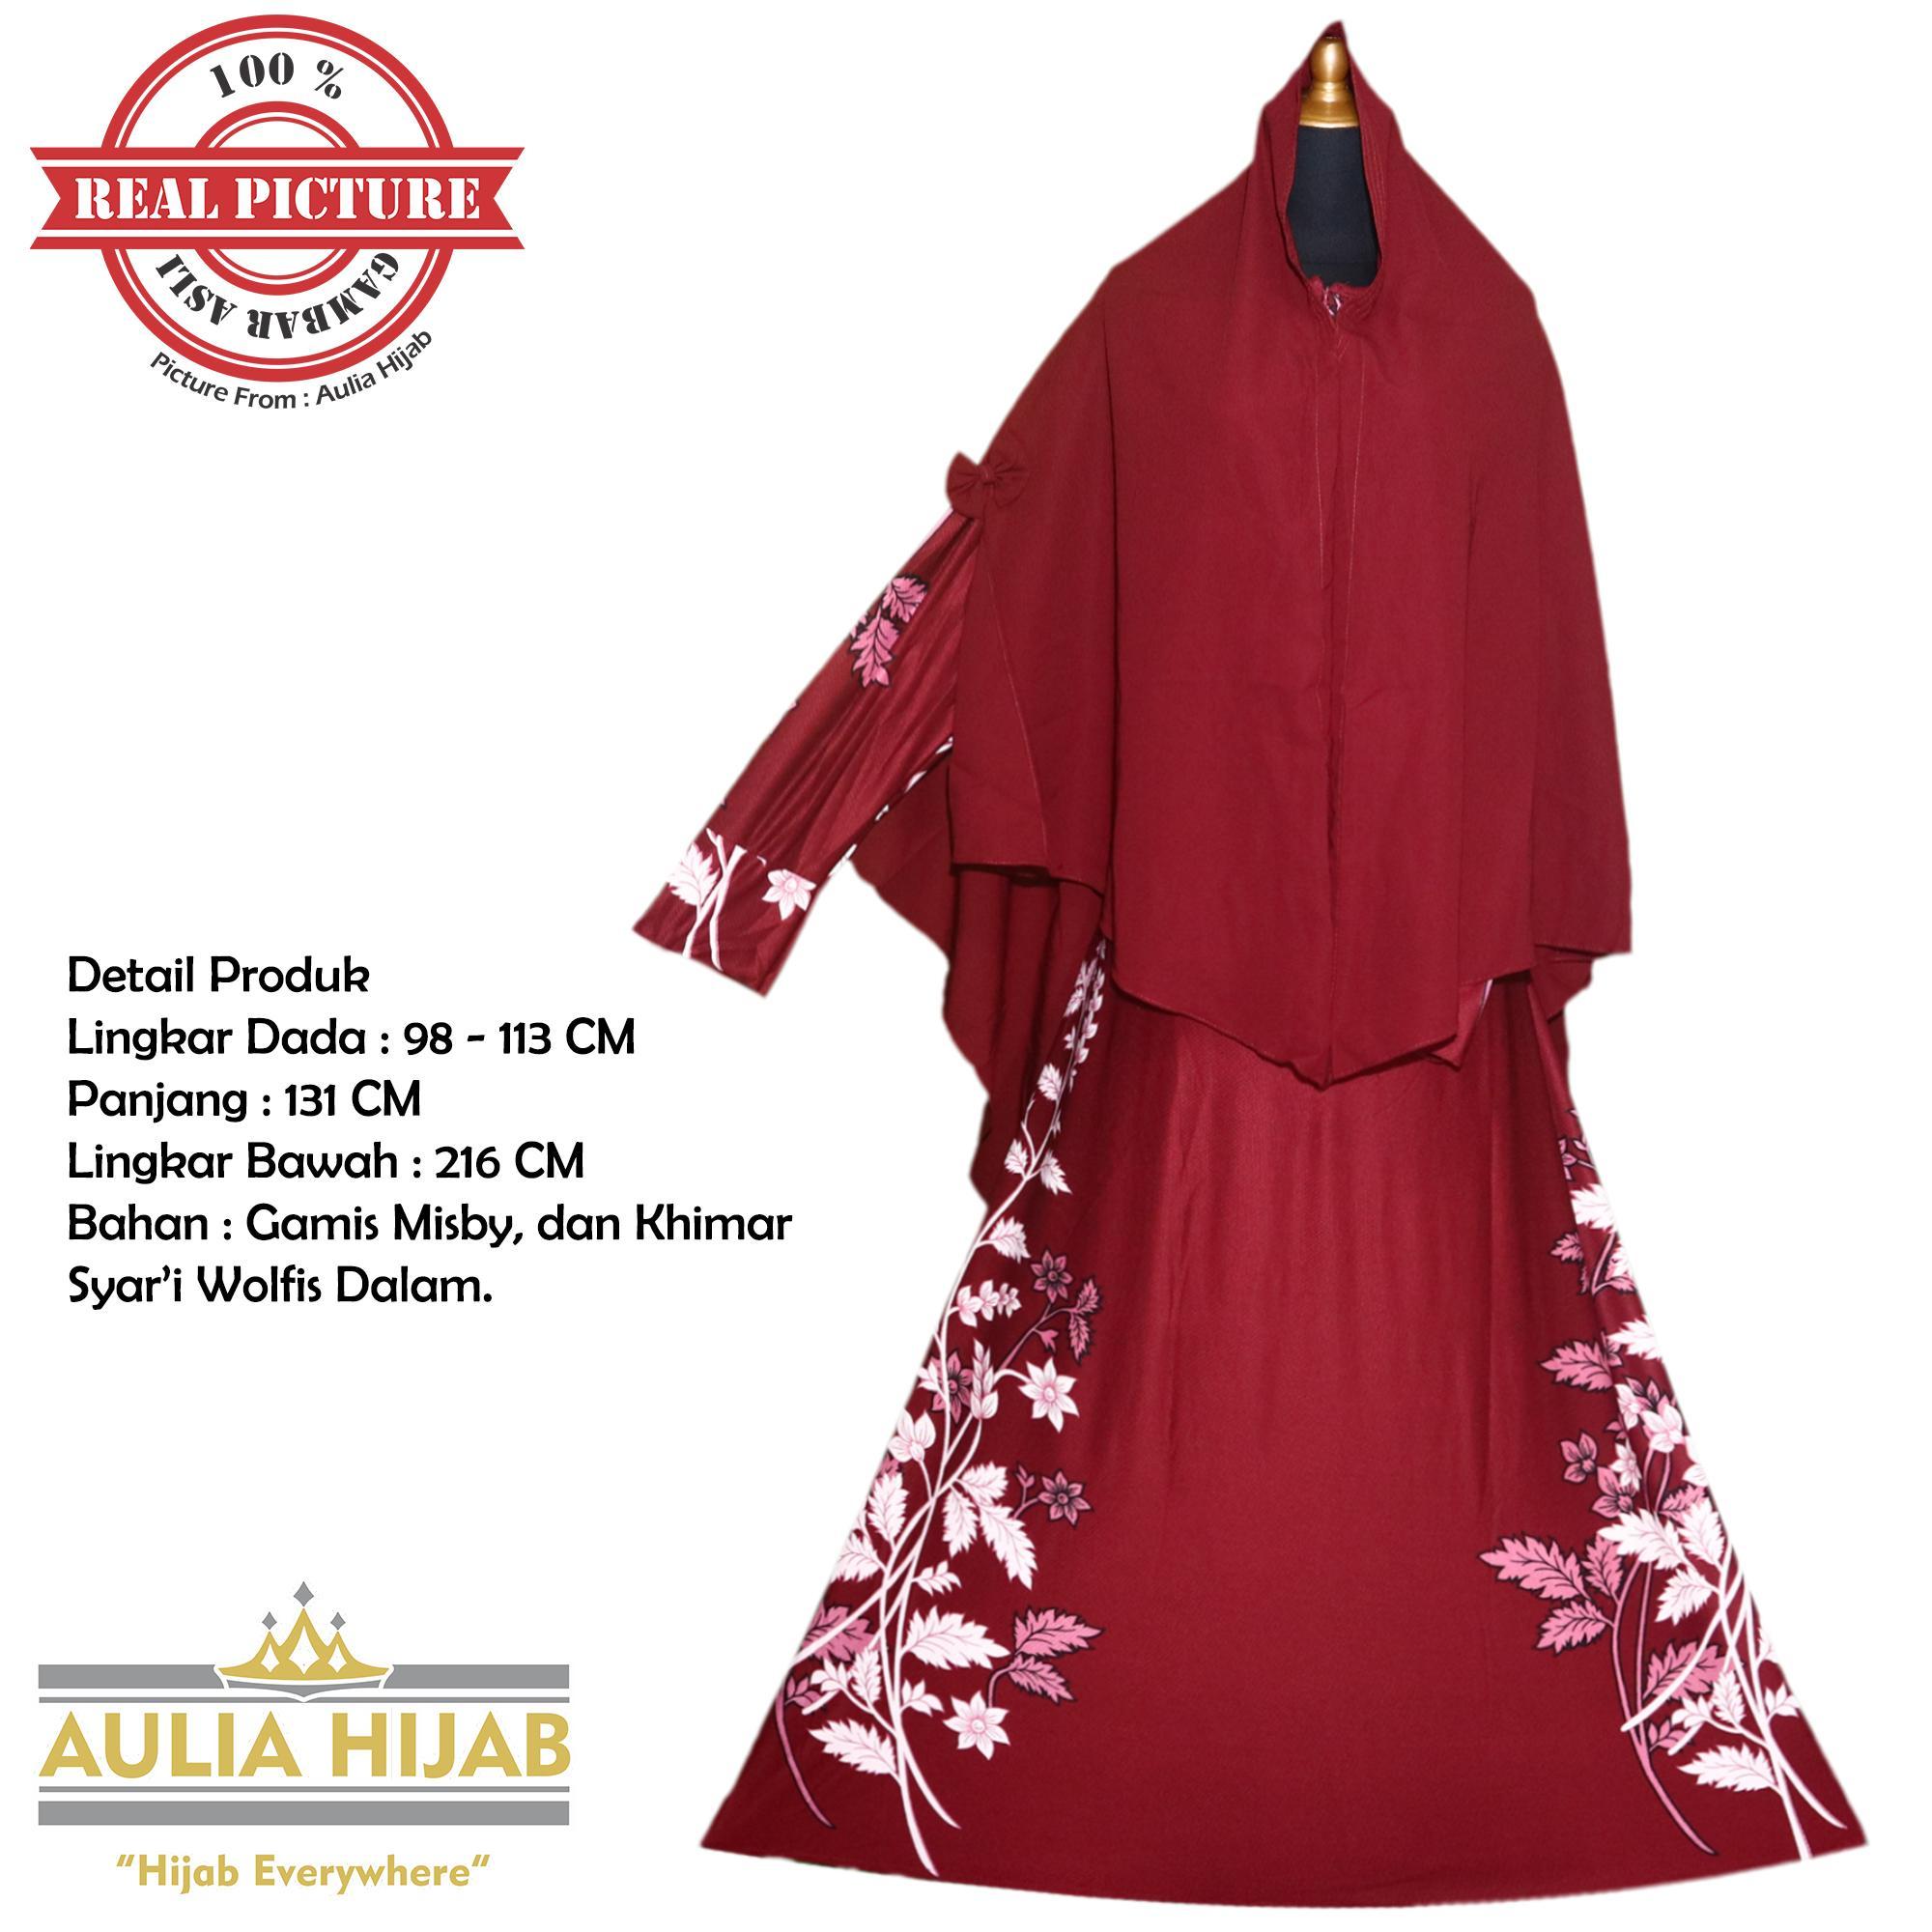 Aulia Hijab - Keysha Syar'i/Gamis Syar'i/Gamis Misby/Gamis Wolfis/Gamis Laser/Gamis Murah/Gamis Terbaru/Gamis Jilbab/Gamis Plus Jilbab/Gamis Jilbab Panjang/Gamis Plus Khimar/Gamis Pesta/Gamis Cantik